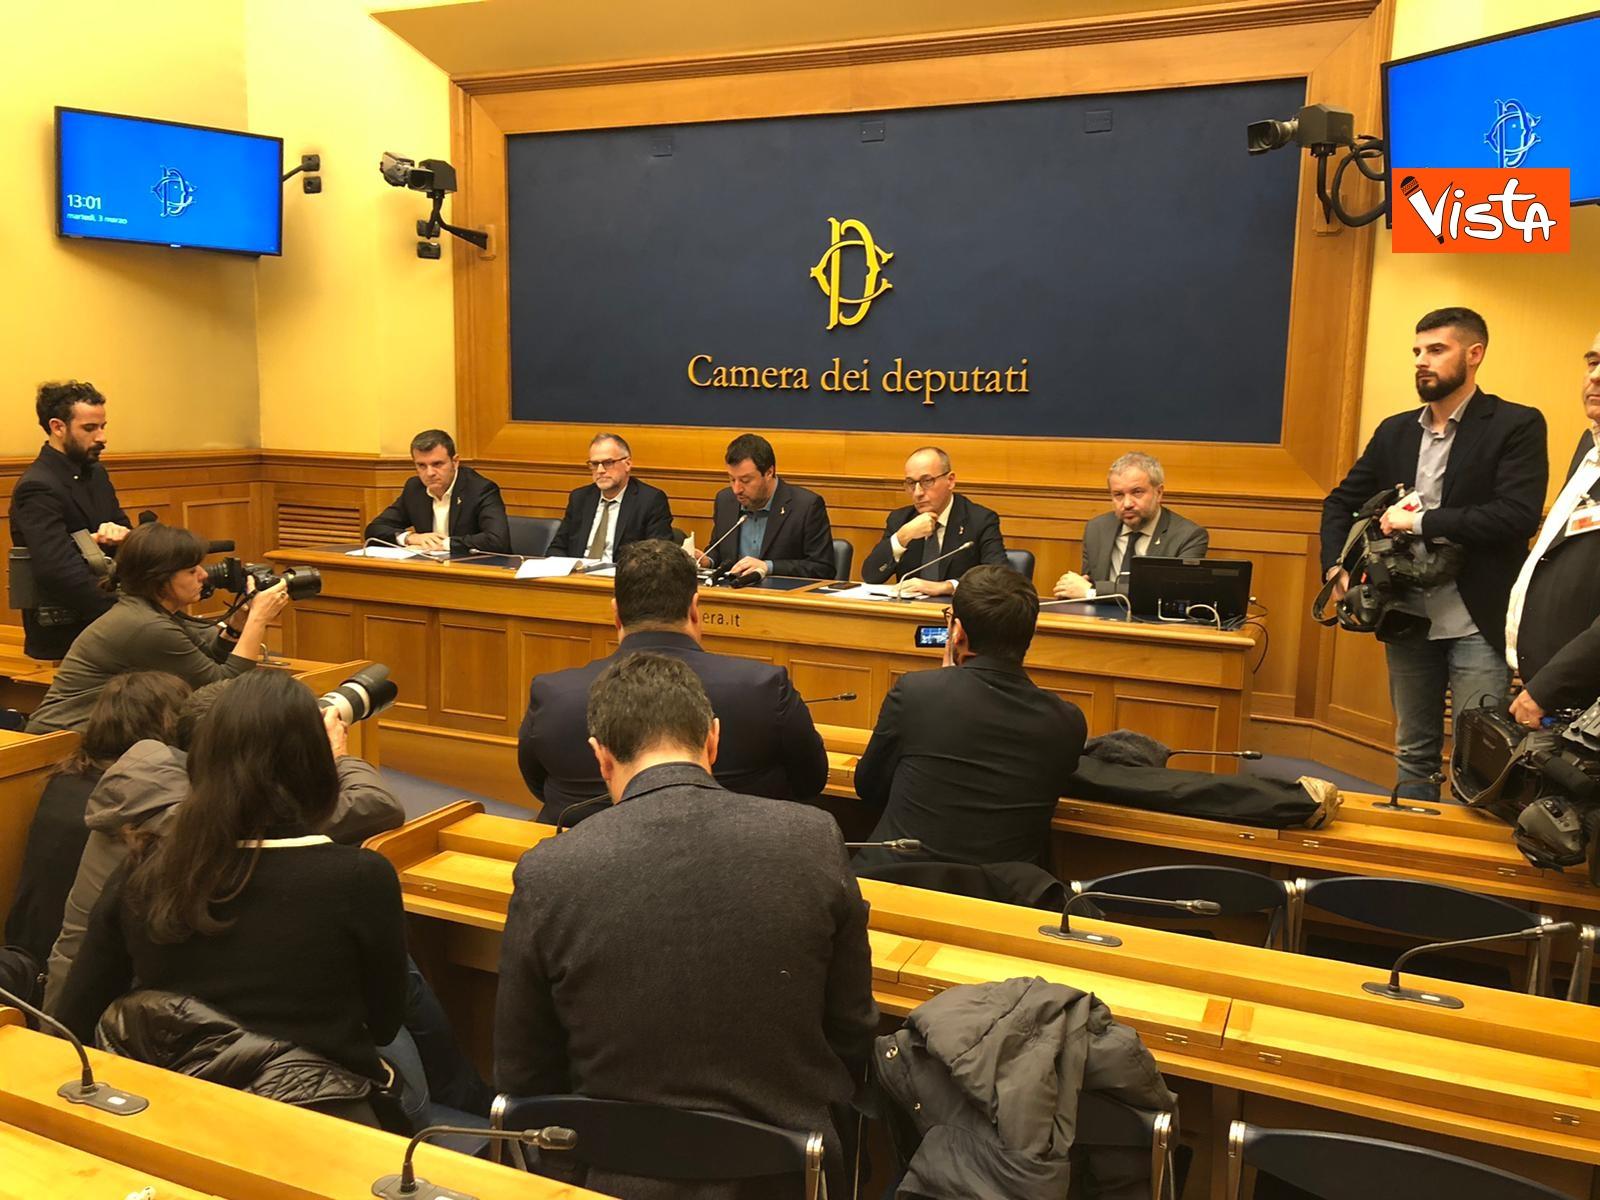 La conferenza di Salvini alla Camera dei Deputati_03